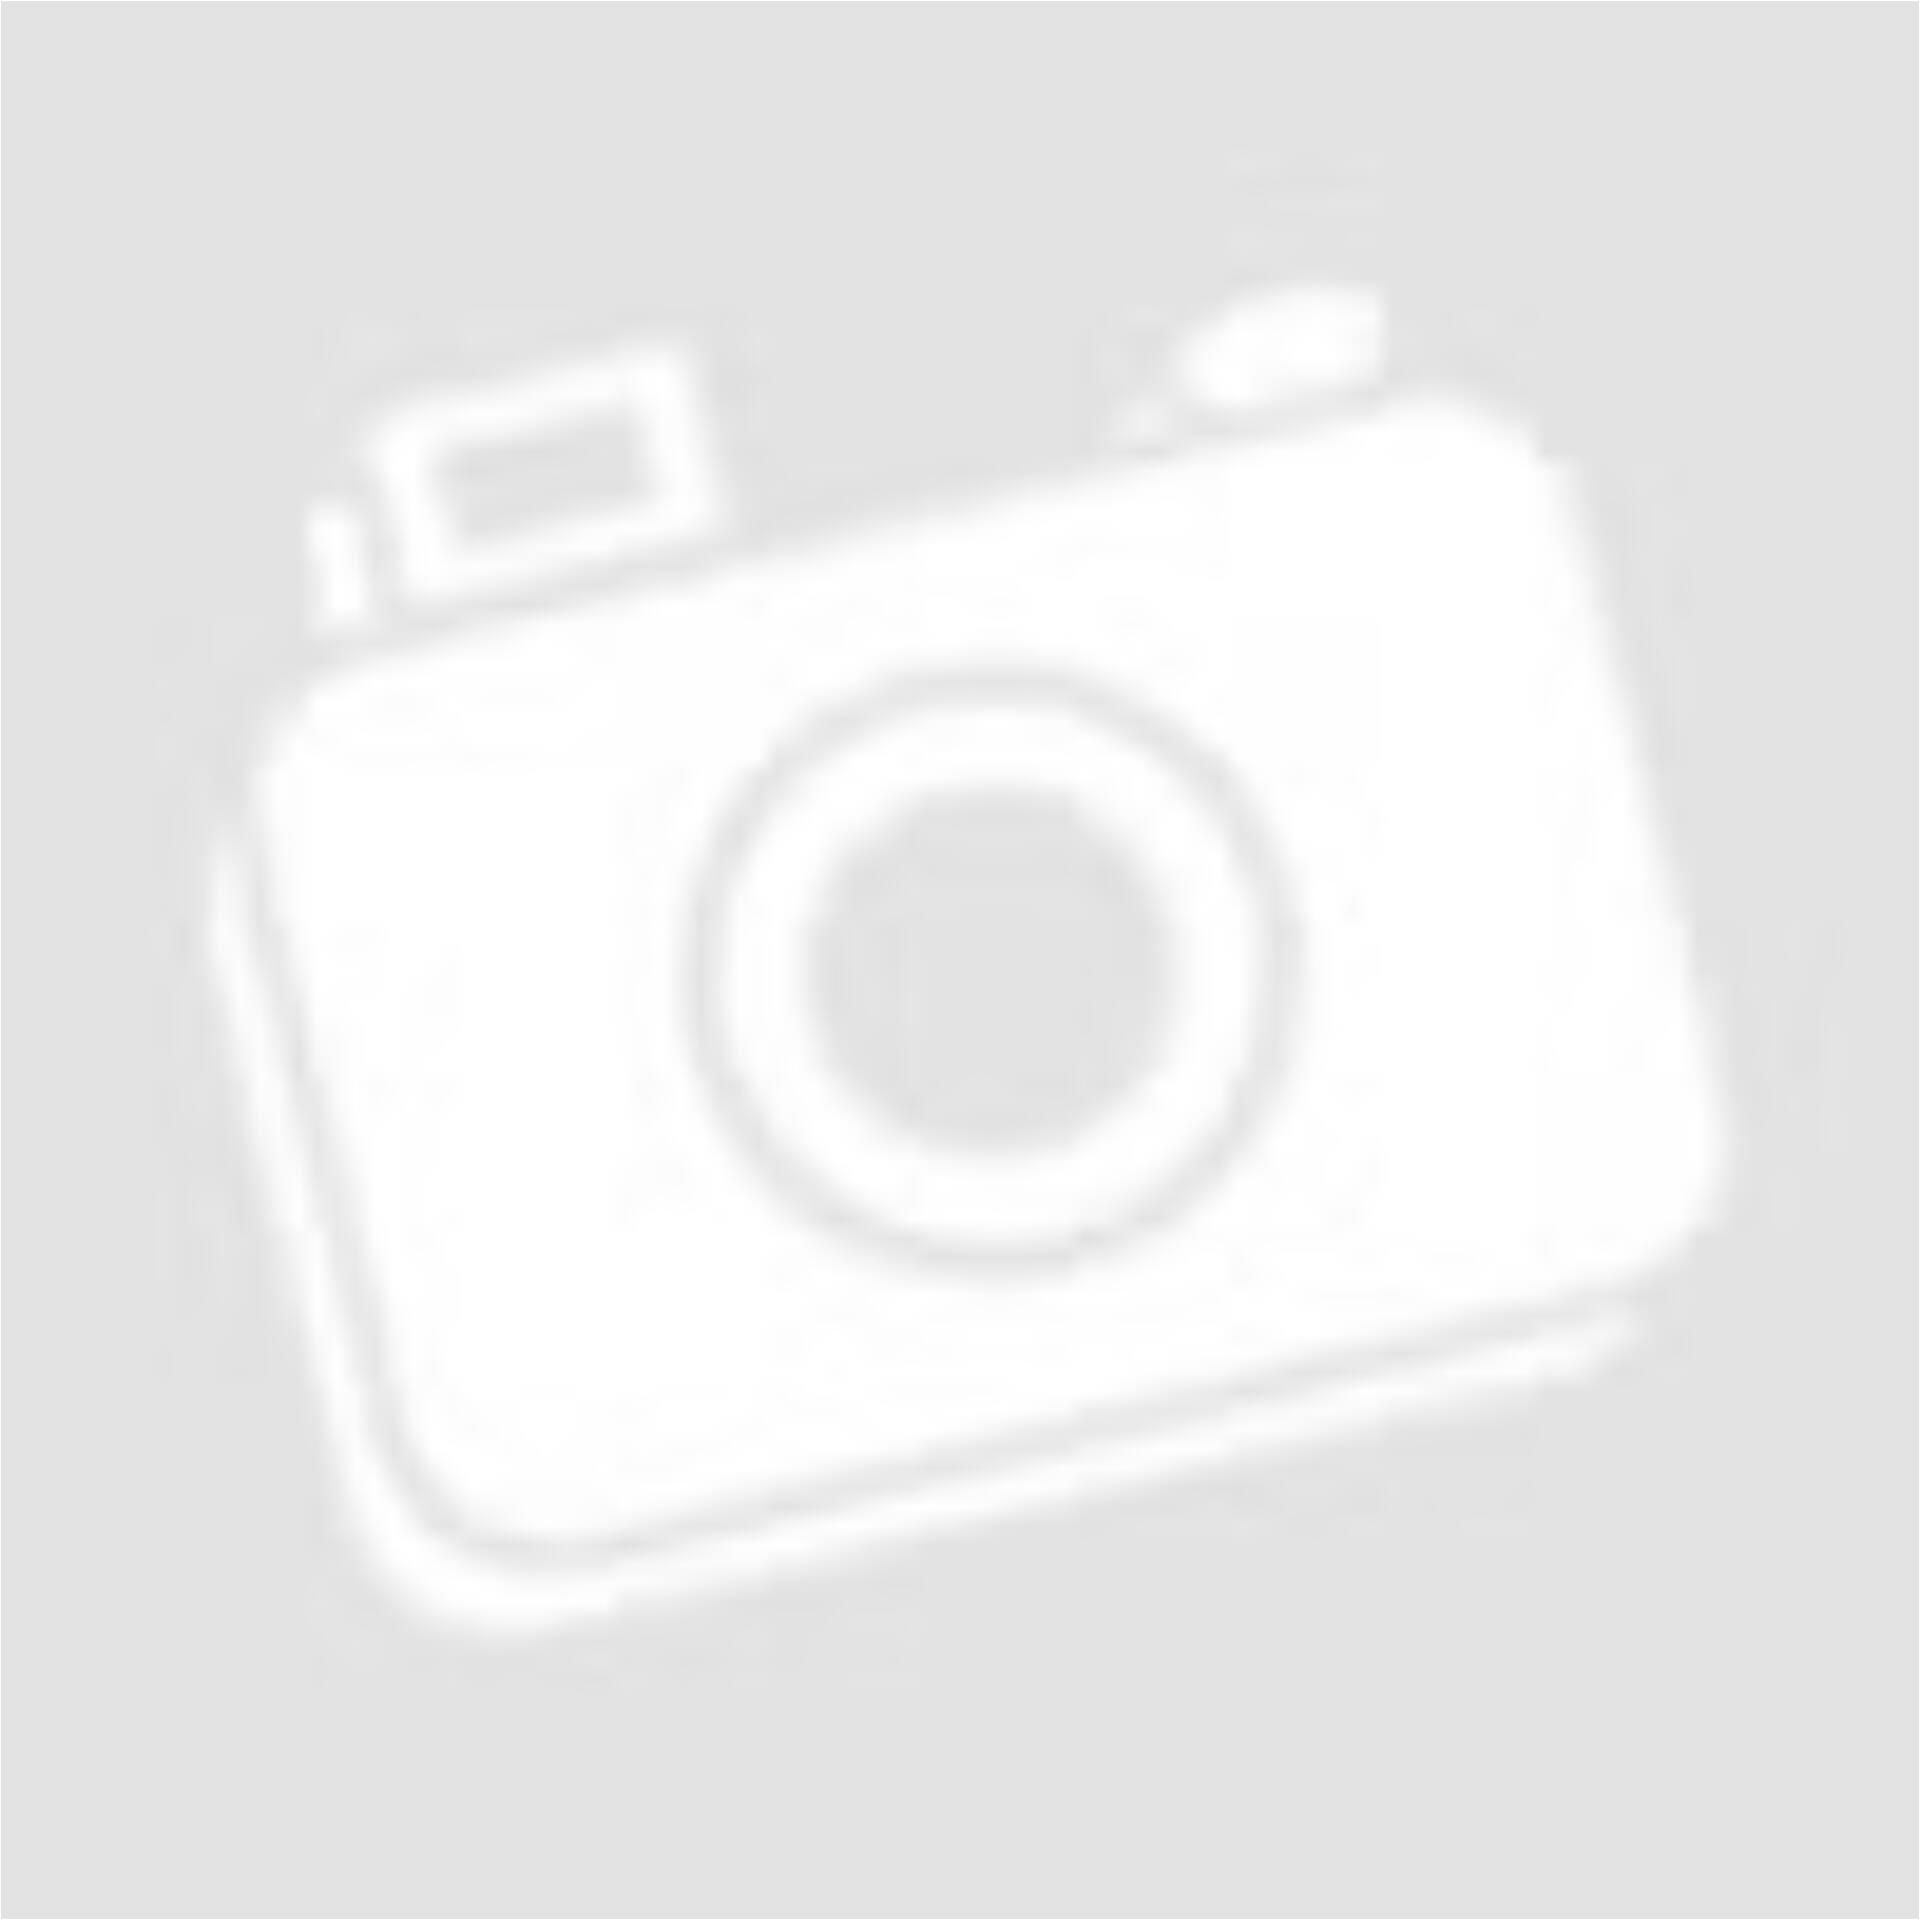 H M fehér színű pöttyös női kardigán (Méret  XS) - Női pulóver ... 15a99993dc